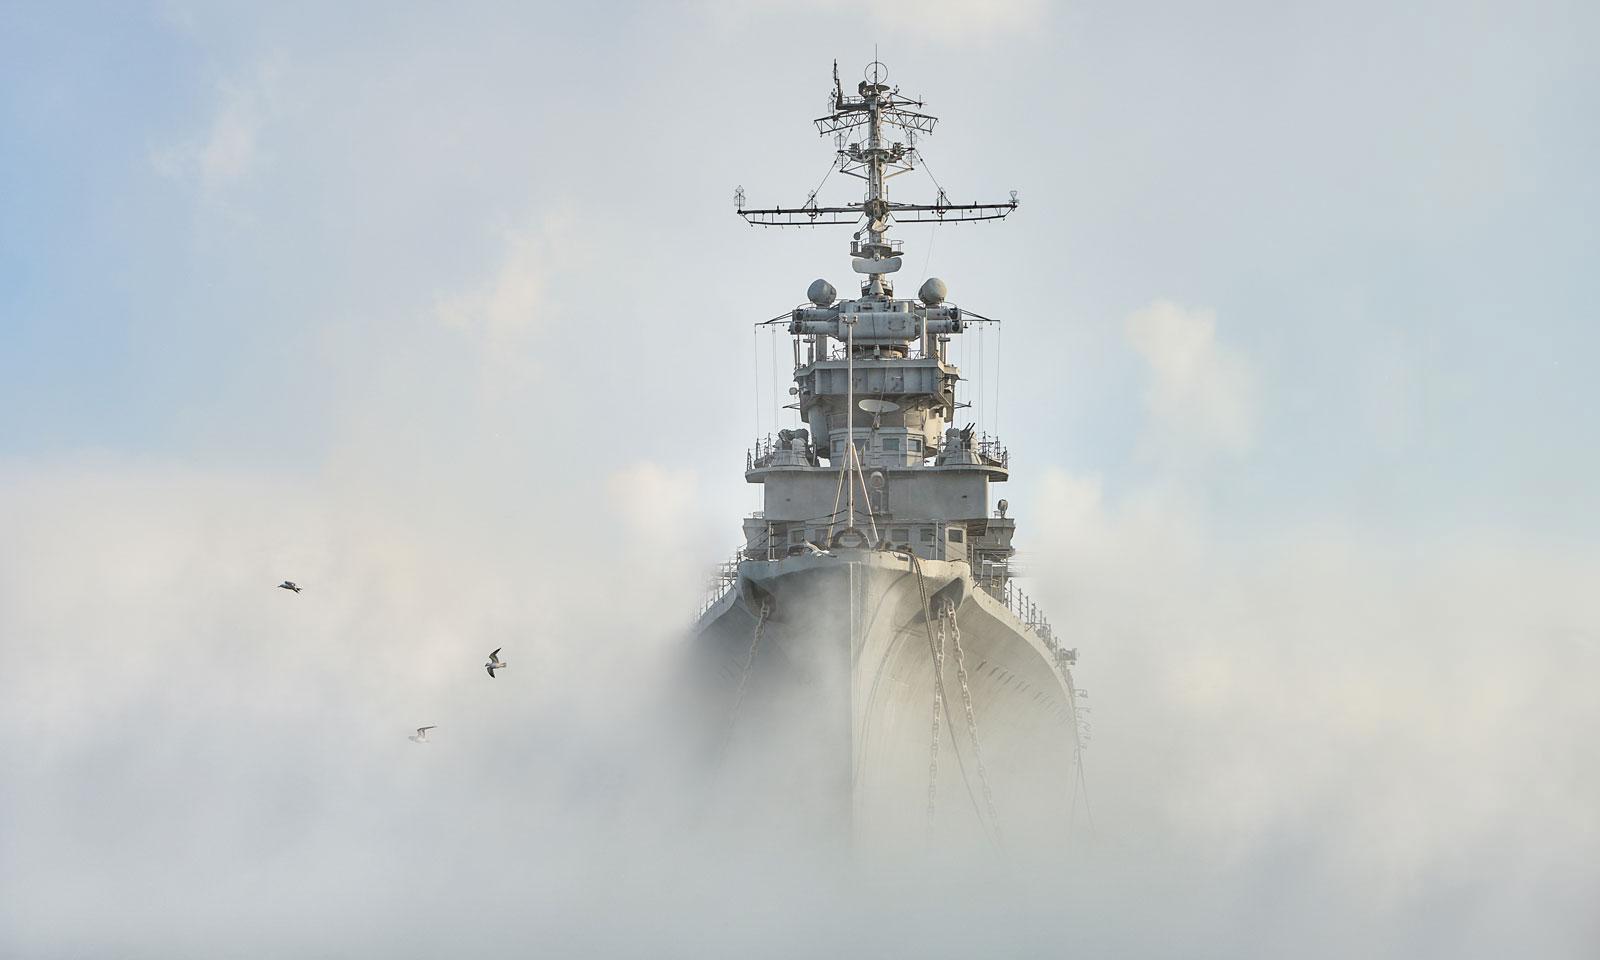 ELNA MF-HF-Antennen für Militär und Berufsschifffahrt